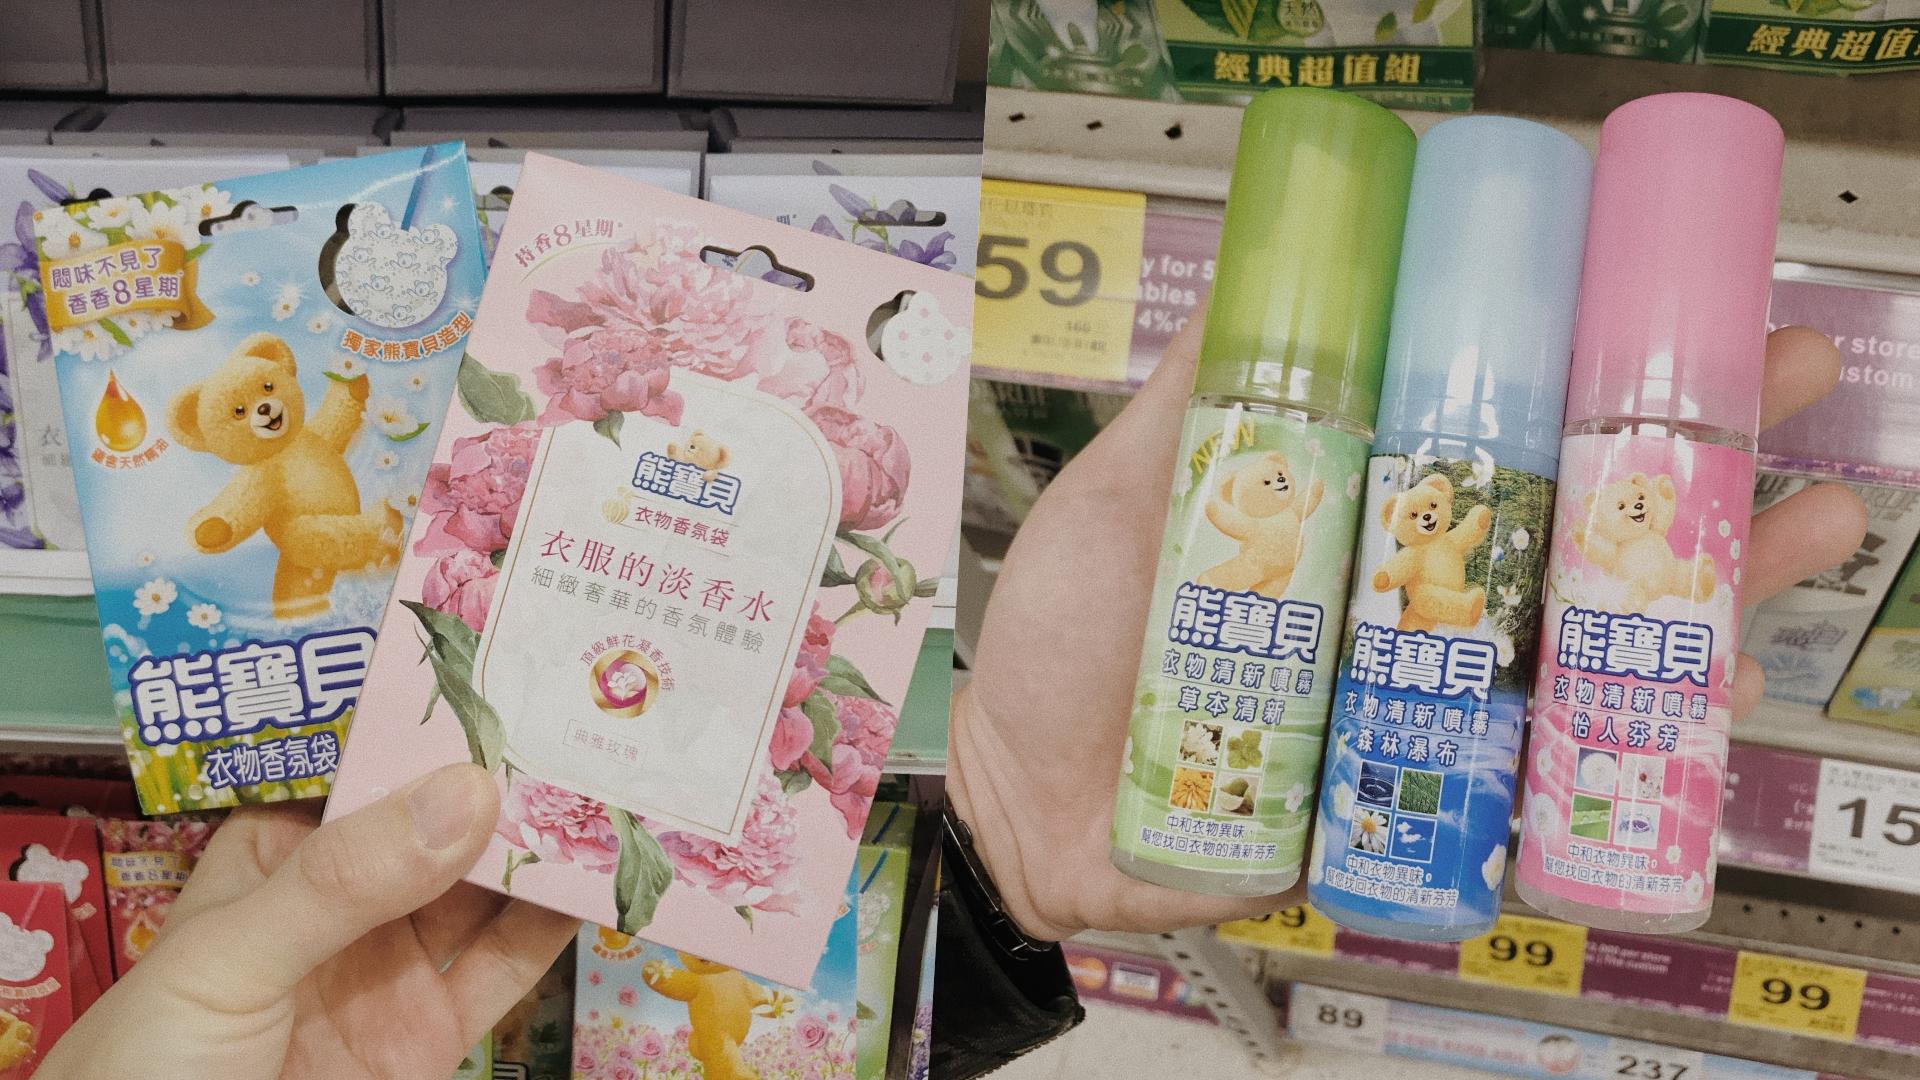 能夠讓衣物充滿香氣的熊寶貝是韓國觀光客的最愛。